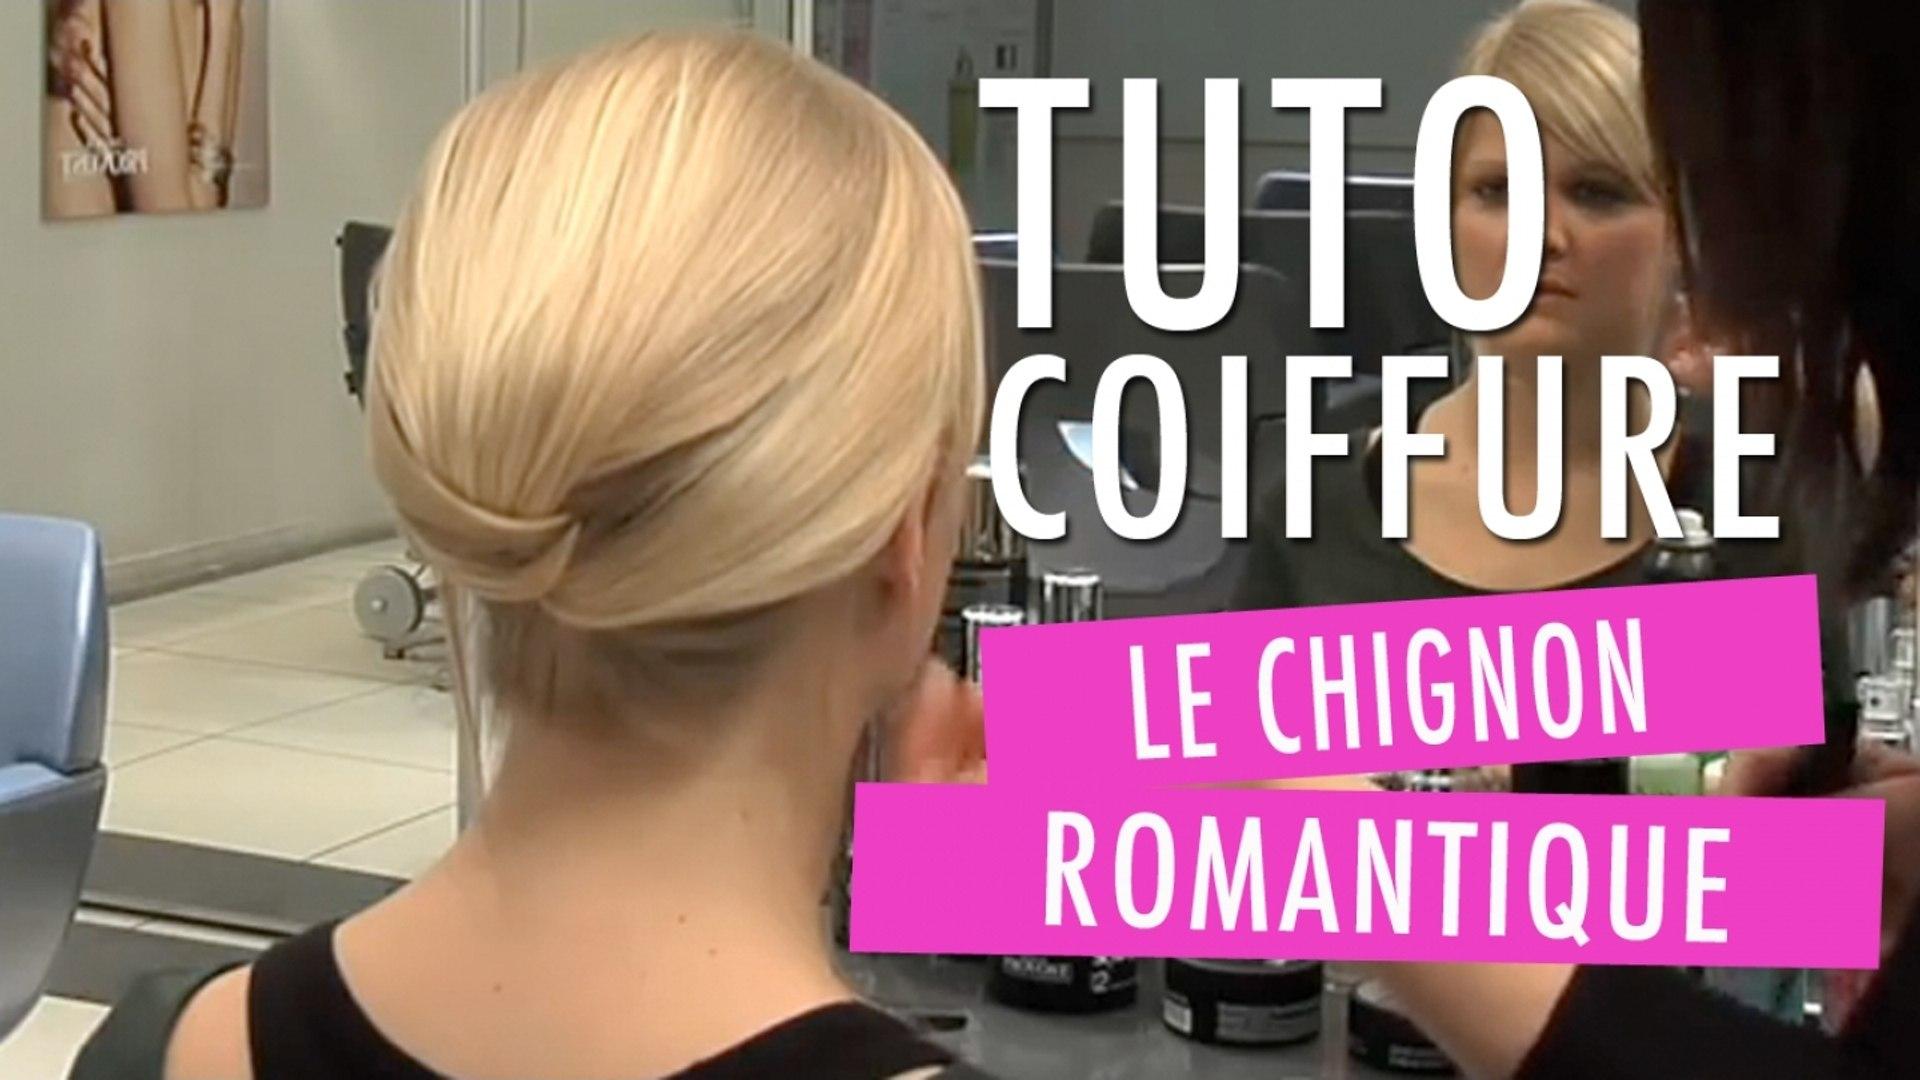 Chignon Romantique Tuto Coiffure Video Dailymotion